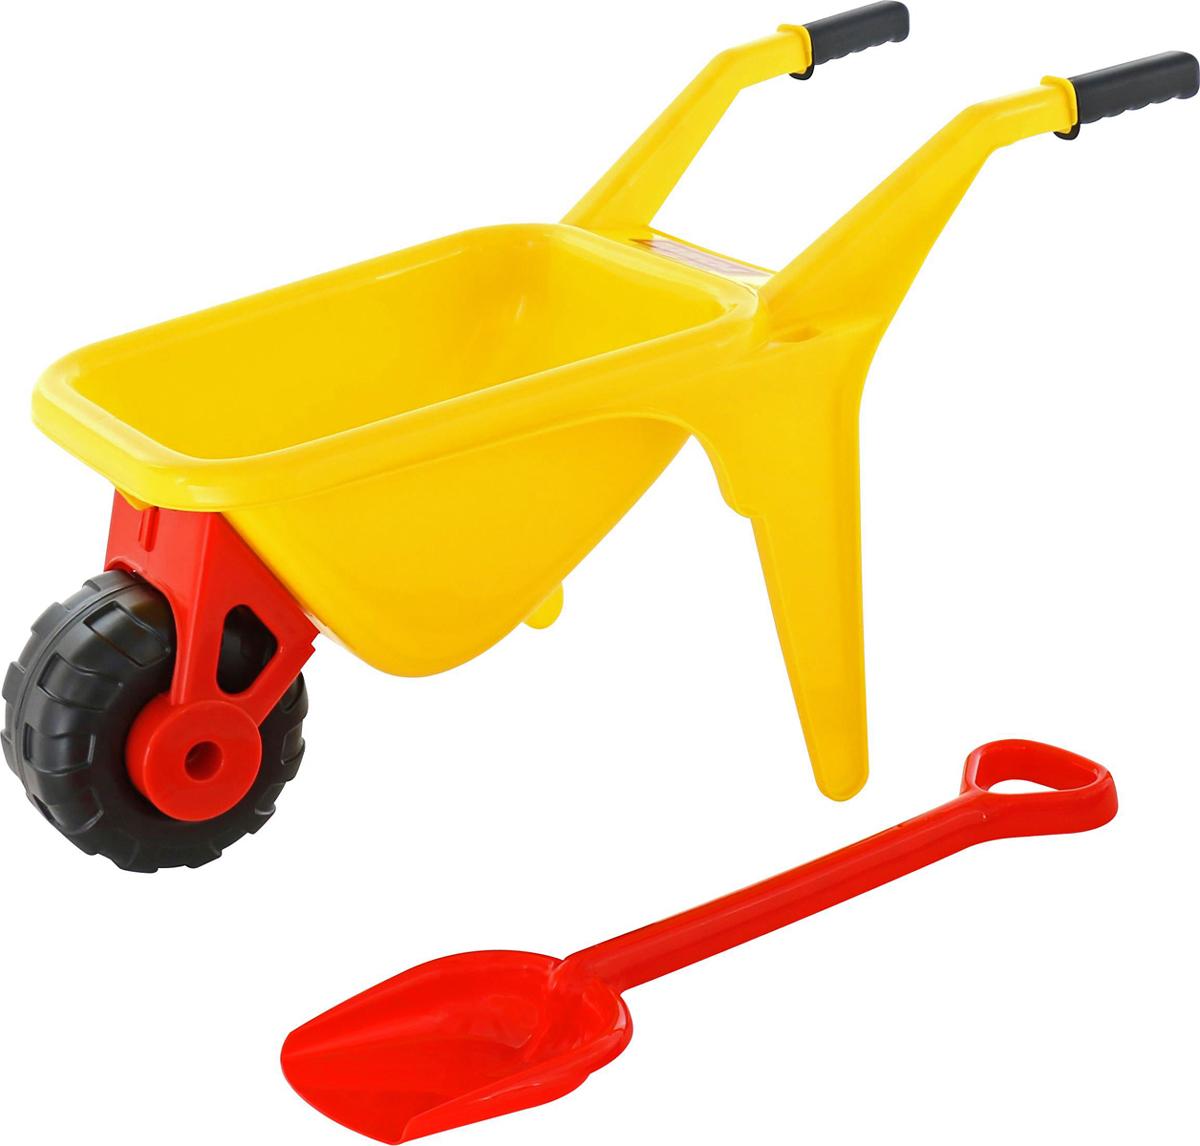 Полесье Набор игрушек для песочницы Тачка Садовод с лопатой полесье полесье инструменты тачка 4 набор каменщика 2